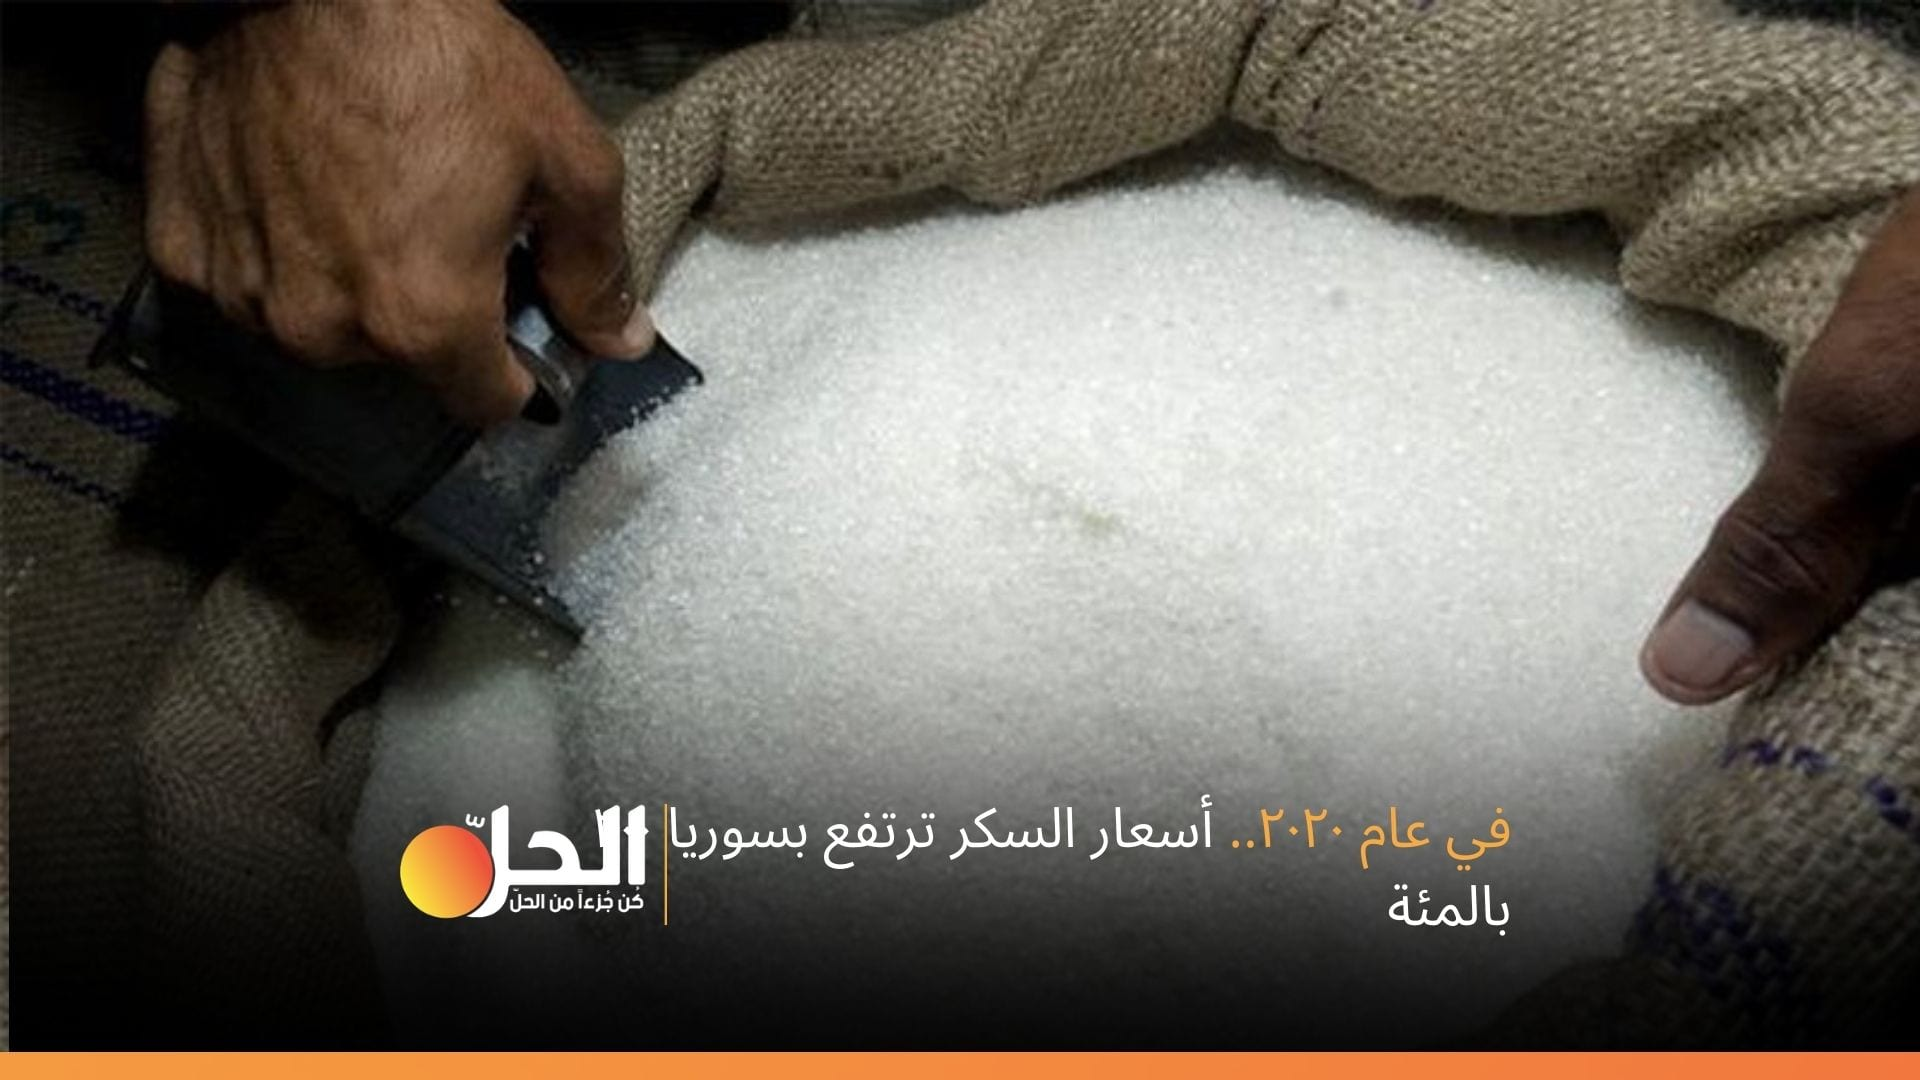 في ٢٠٢٠.. أسعار السكر ترتفع بسوريا ٢٠٠ بالمئة!